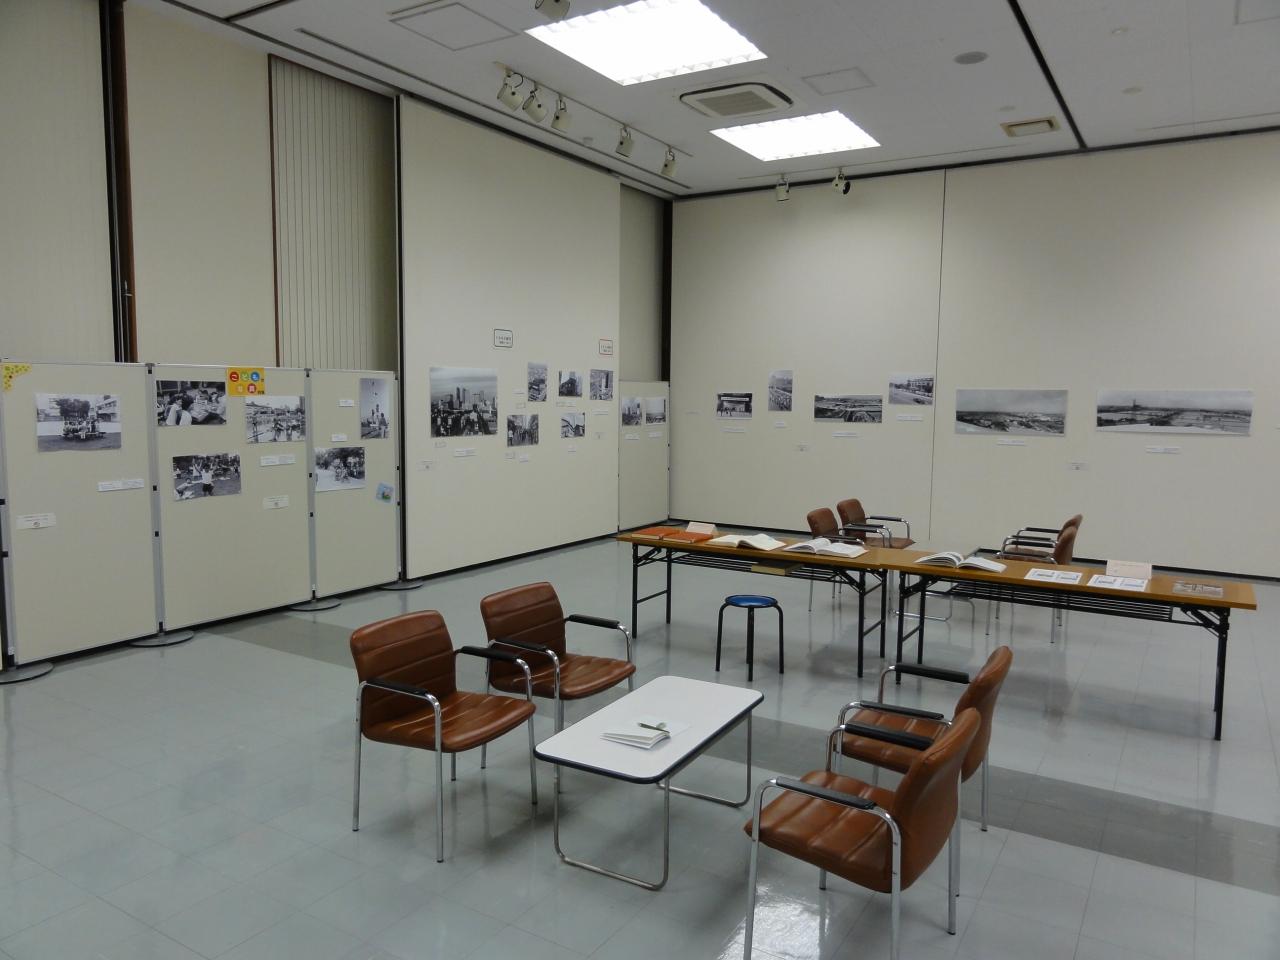 祝 新宿中央公園50周年 写真展「昭和の淀橋界隈を中心に」